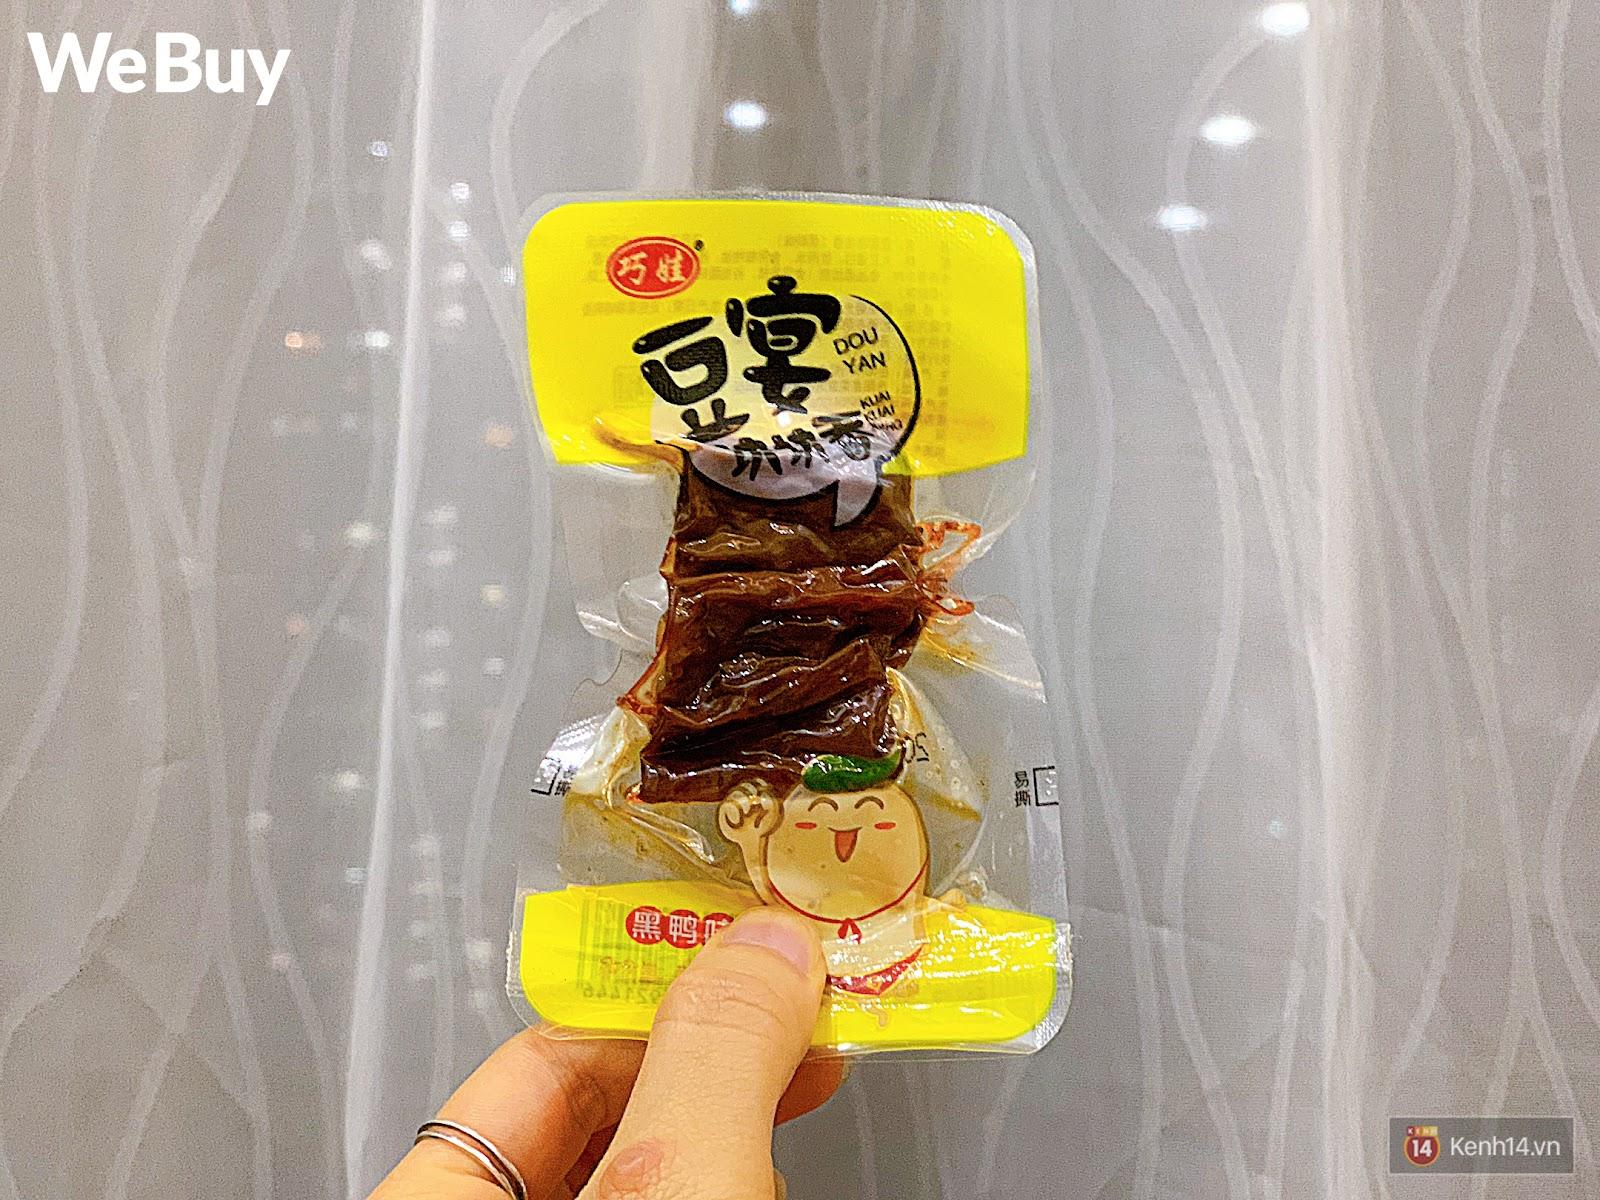 """Review set đồ ăn vặt nội địa Trung Quốc hot hit gần đây: Lung linh hấp dẫn là thế nhưng ăn thử mới thấy như bị... """"lừa tình"""" - Ảnh 5."""